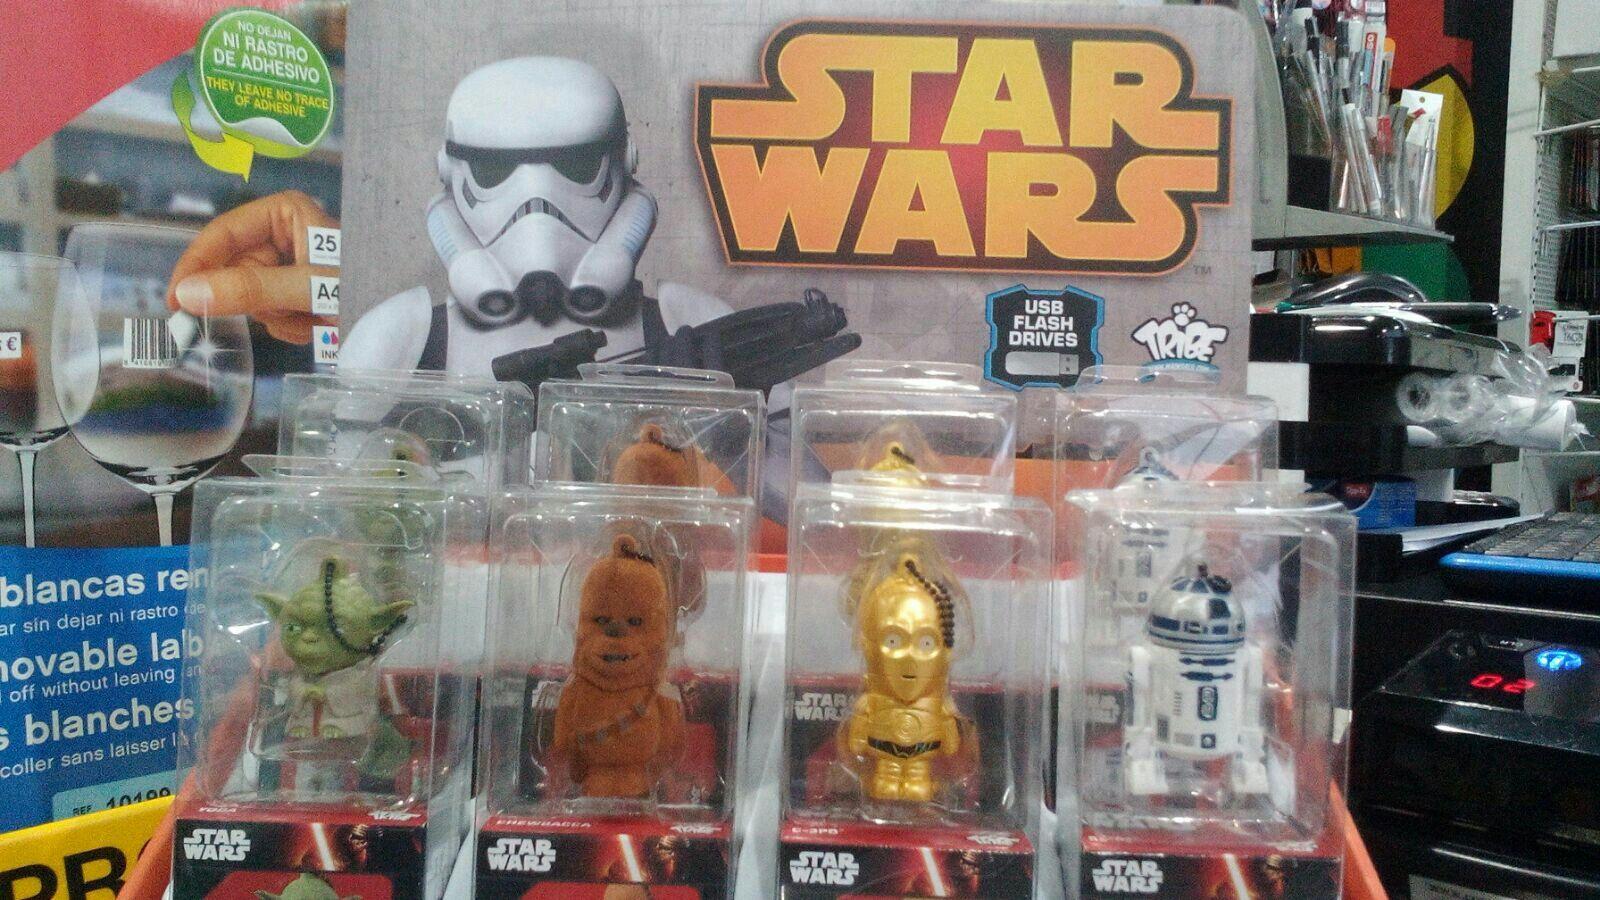 Pendriver 16 Gigas Guerra de las Galaxias Star Wars-19,95€-Mendopapeleria-12-16